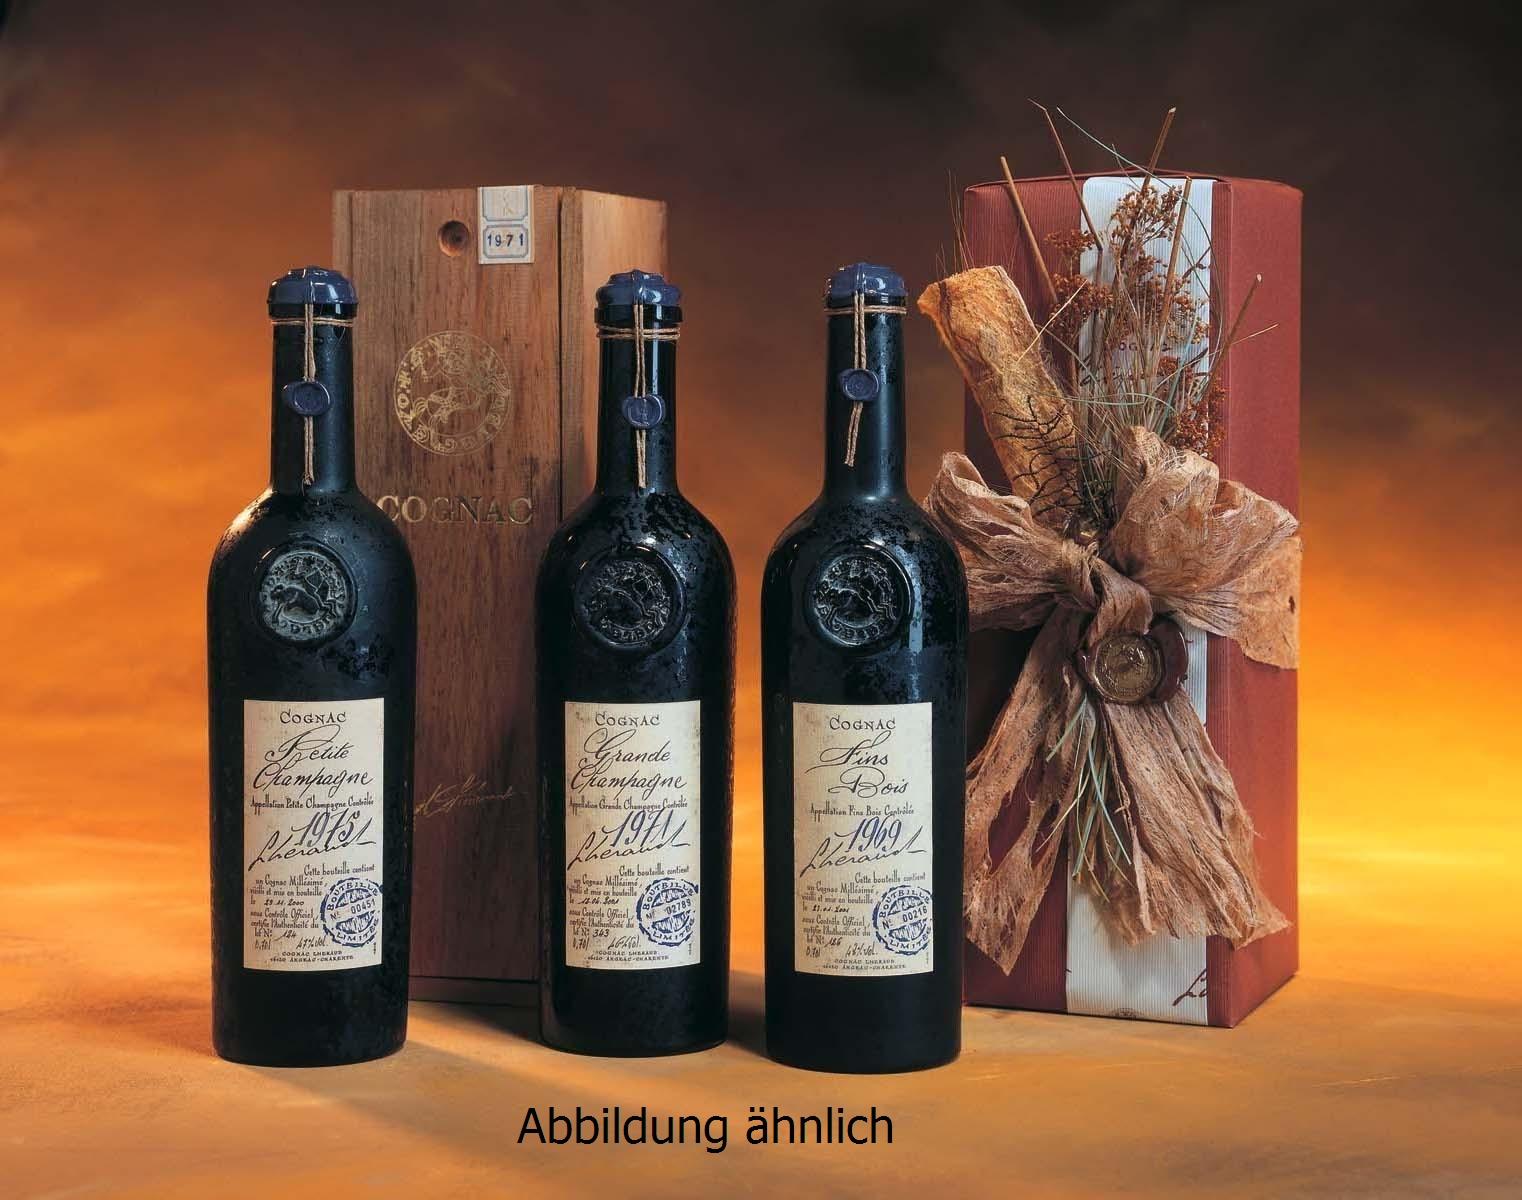 Cognac 1978 Lheraud